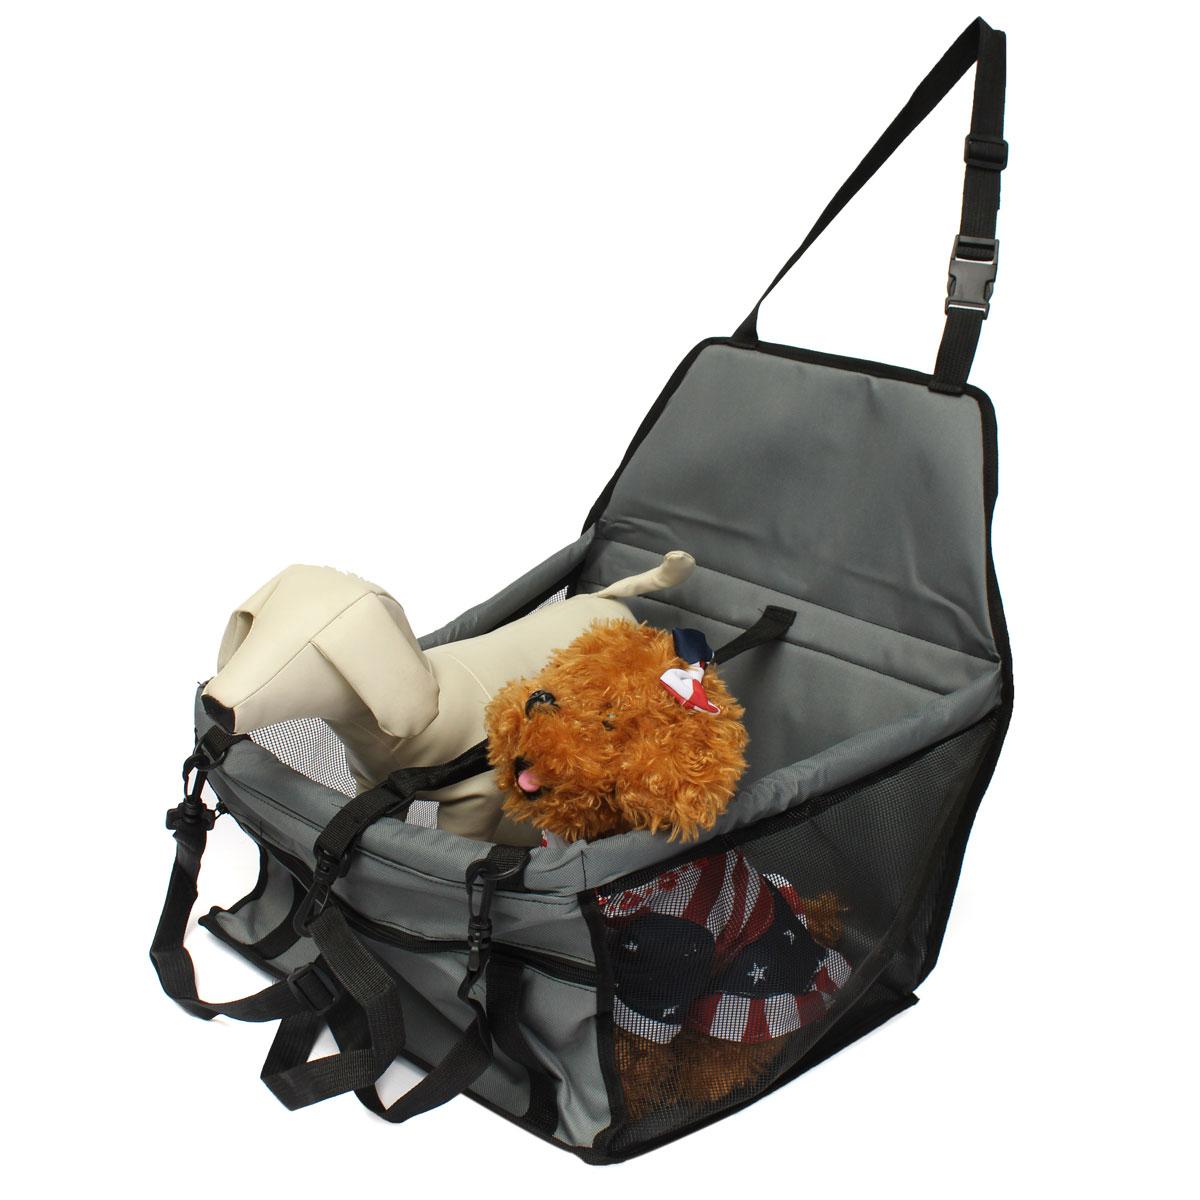 folding pet dog cat puppy car seat safety belt cover booster travel carrier bag ebay. Black Bedroom Furniture Sets. Home Design Ideas